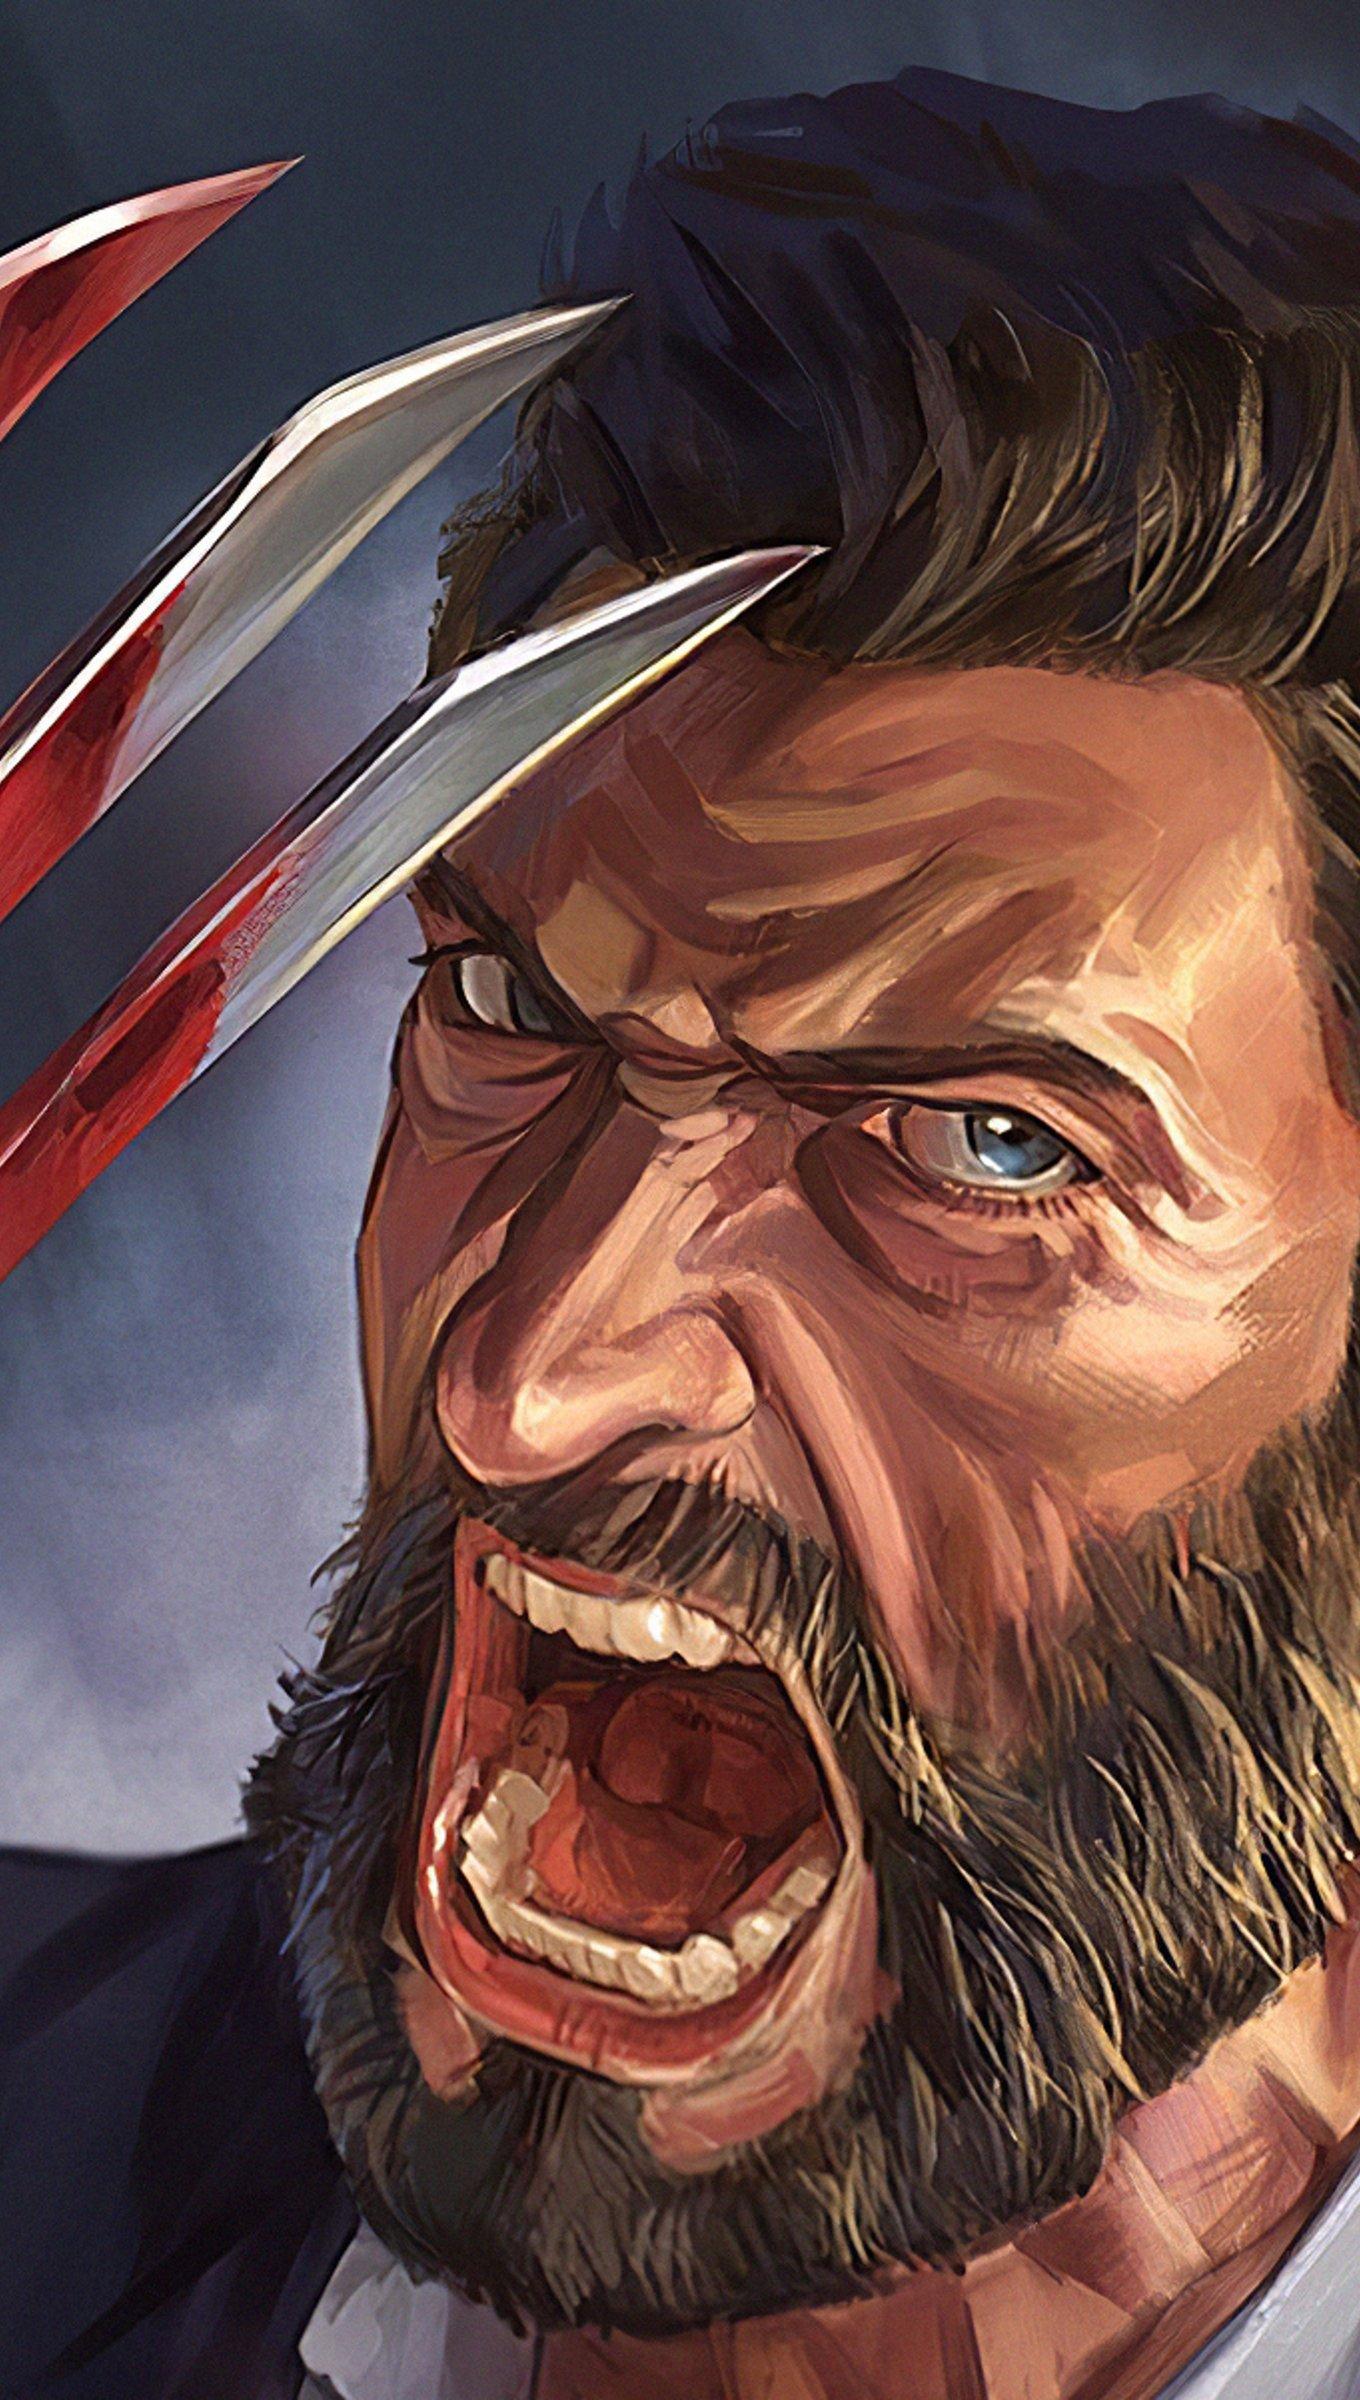 Fondos de pantalla Ilustración de Hugh Jackman como Wolverine Vertical